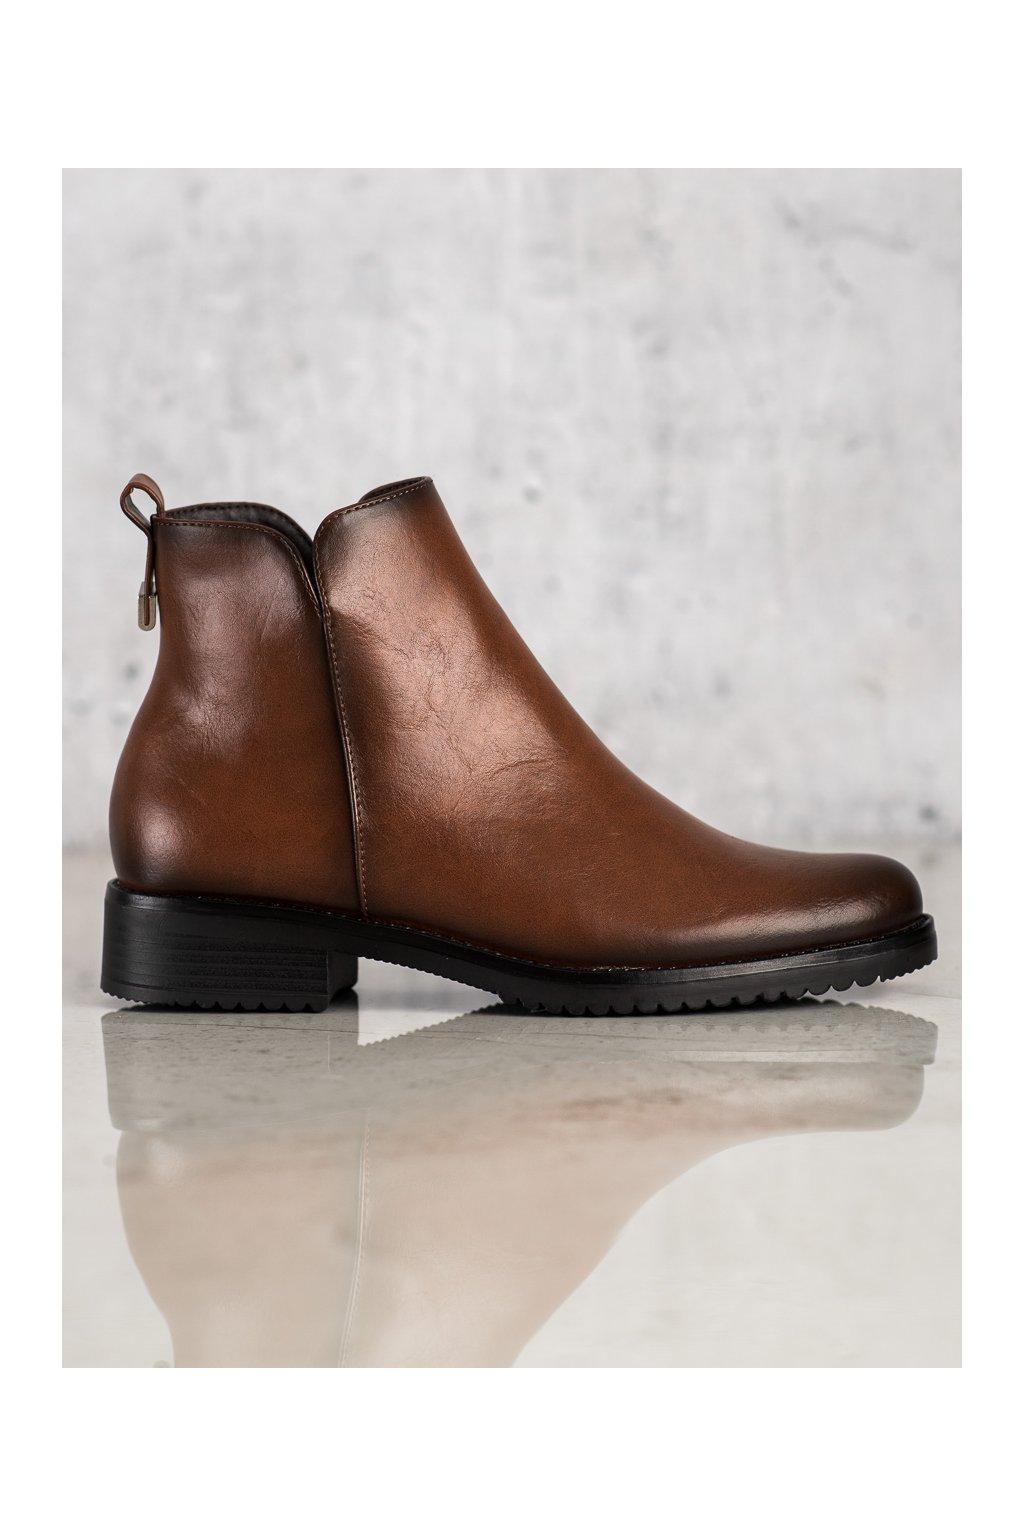 Hnedé dámske topánky Vinceza kod XY22-10669C